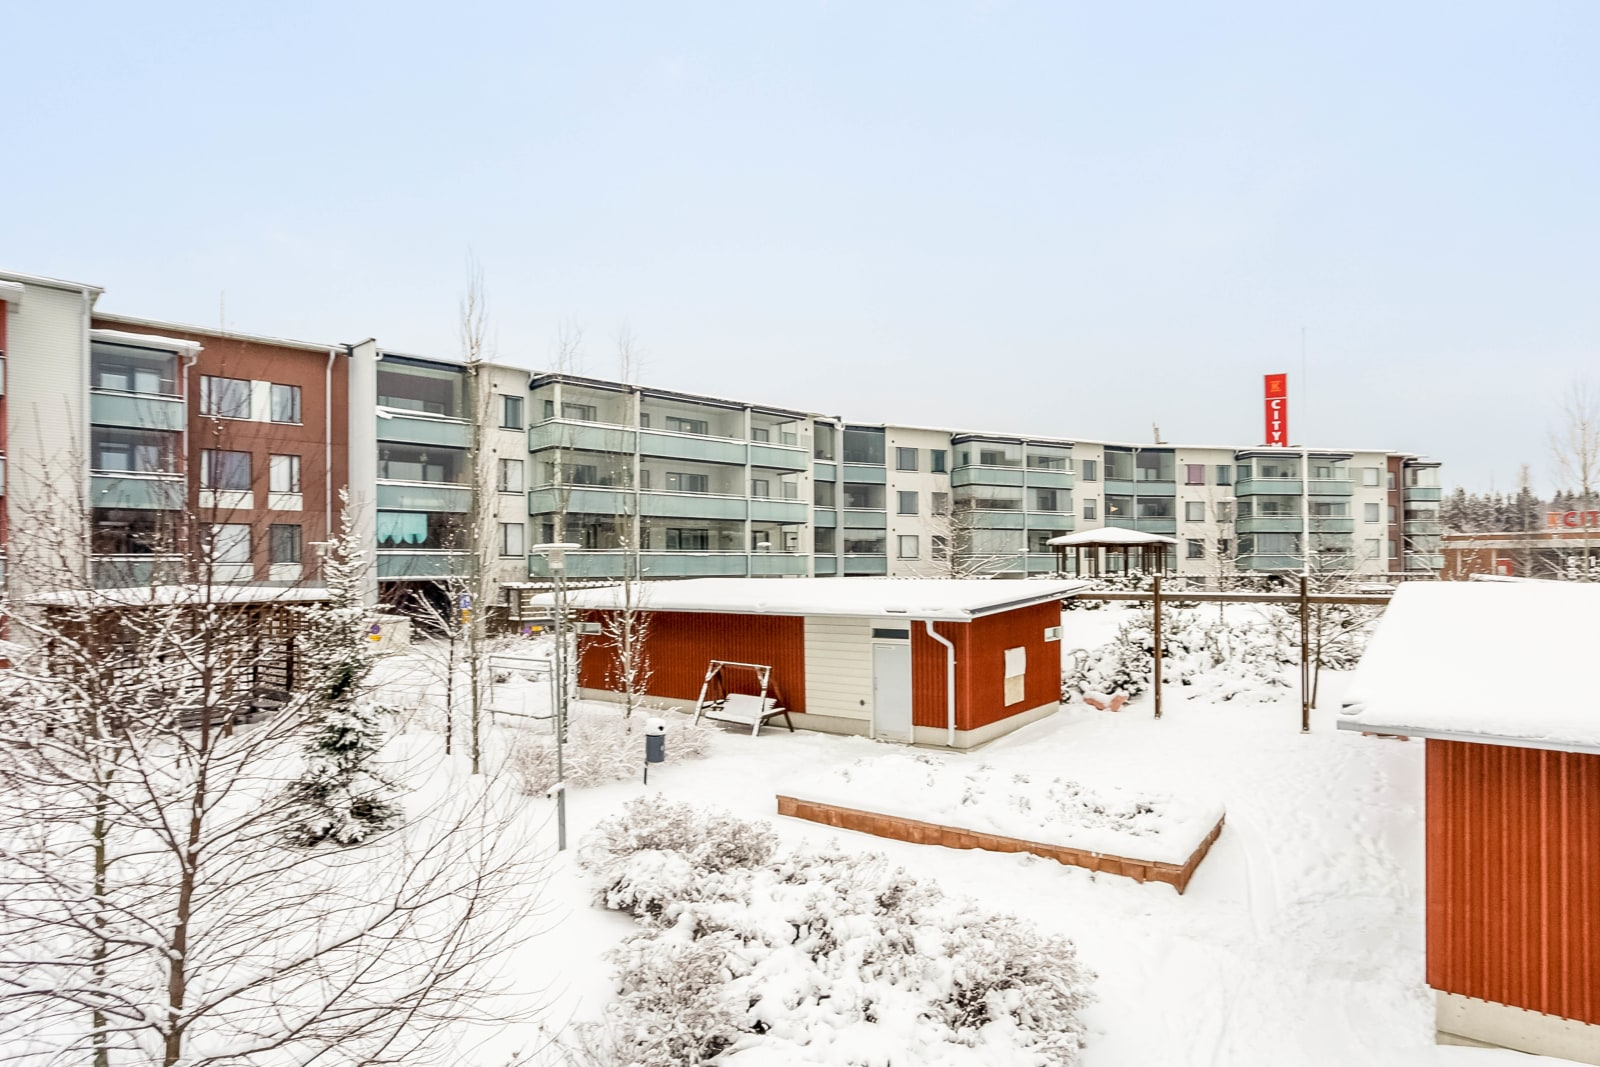 Tampere, Linnainmaa, Mäentakusenkatu 2 A